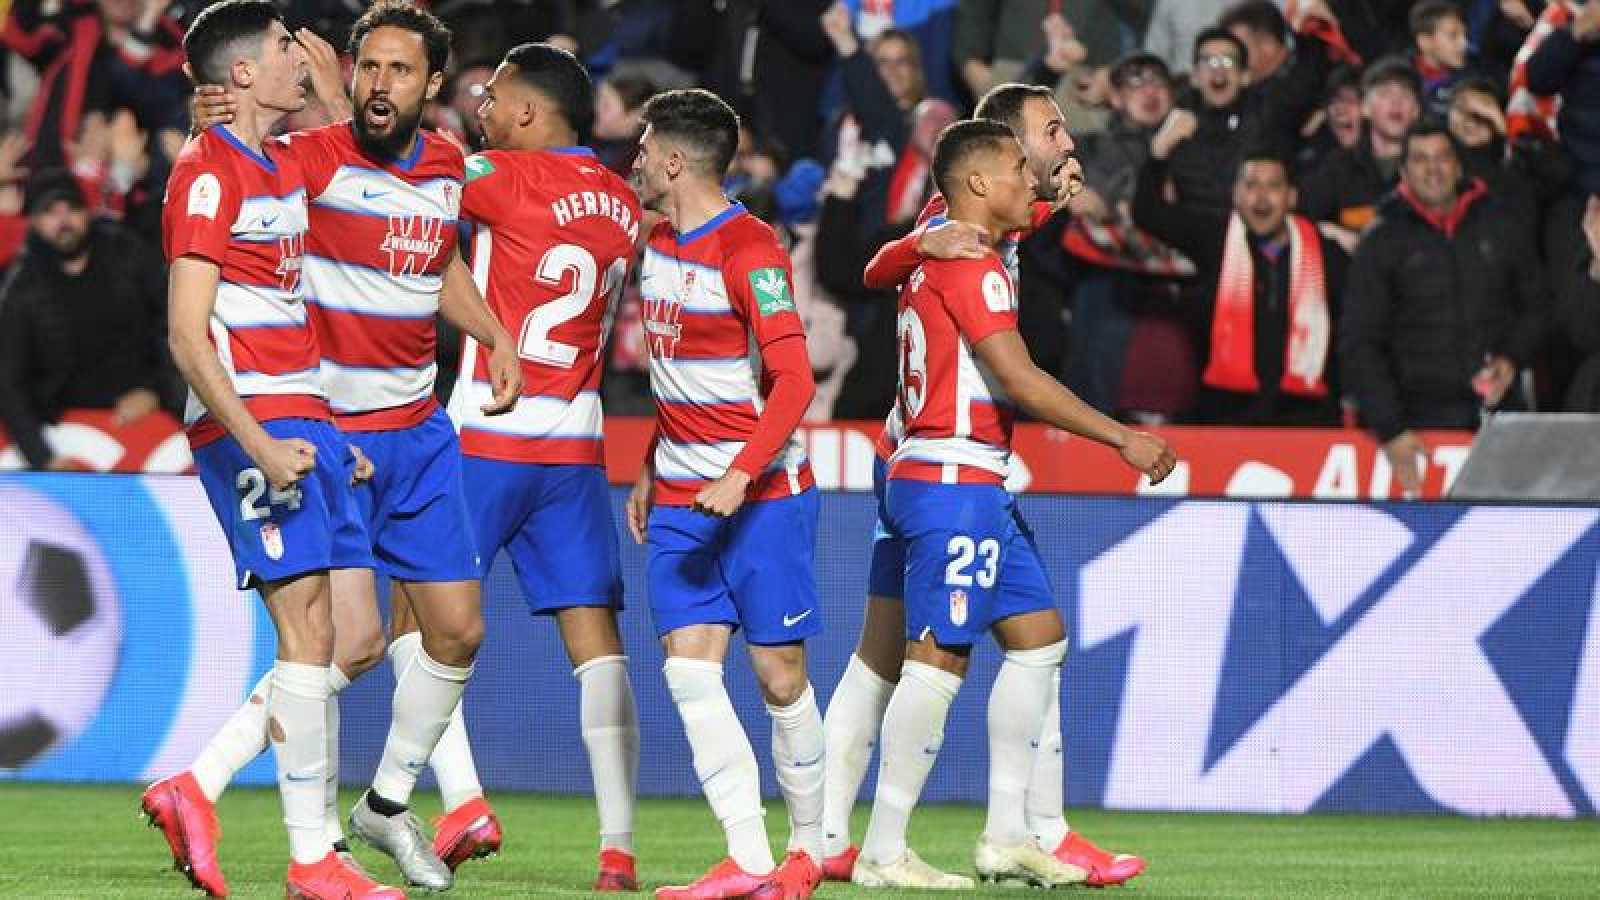 Granada CF - Athletic Bilbao de vuelta de semifinales de la Copa del Rey.